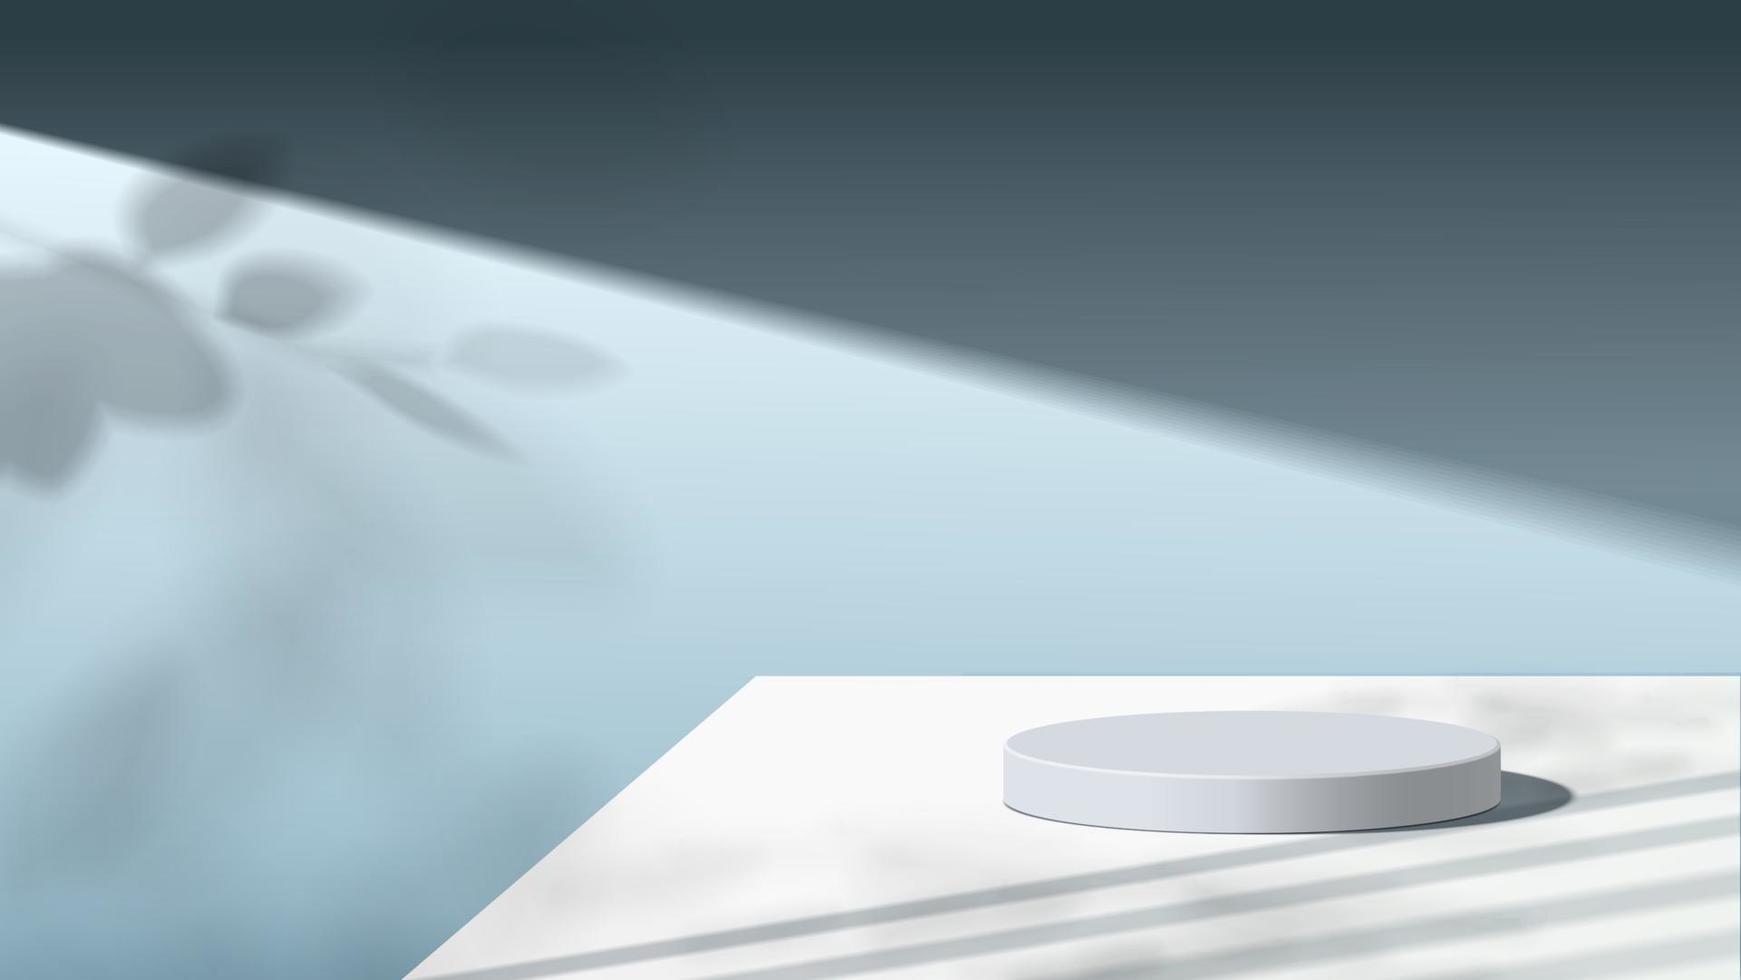 abstracte minimale scène met geometrische vormen. houten podium op de achtergrond. productpresentatie, mock-up, weergave van cosmetische producten, podium, podiumvoetstuk of platform. 3D-vector vector